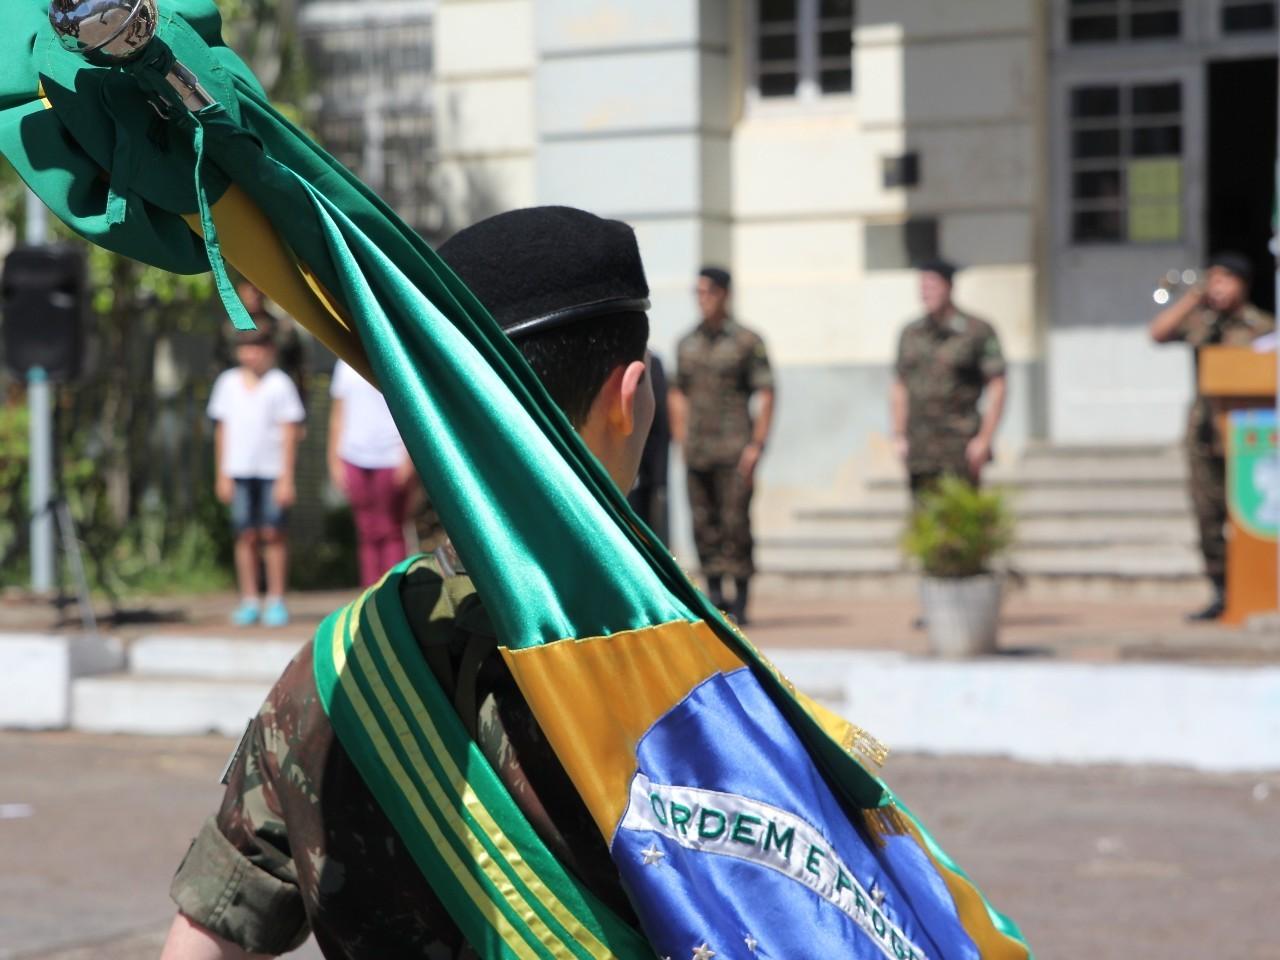 Dia da Bandeira em Santa Maria, no Rio Grande do Sul, torna-se verdadeira aula de civismo e patriotismo